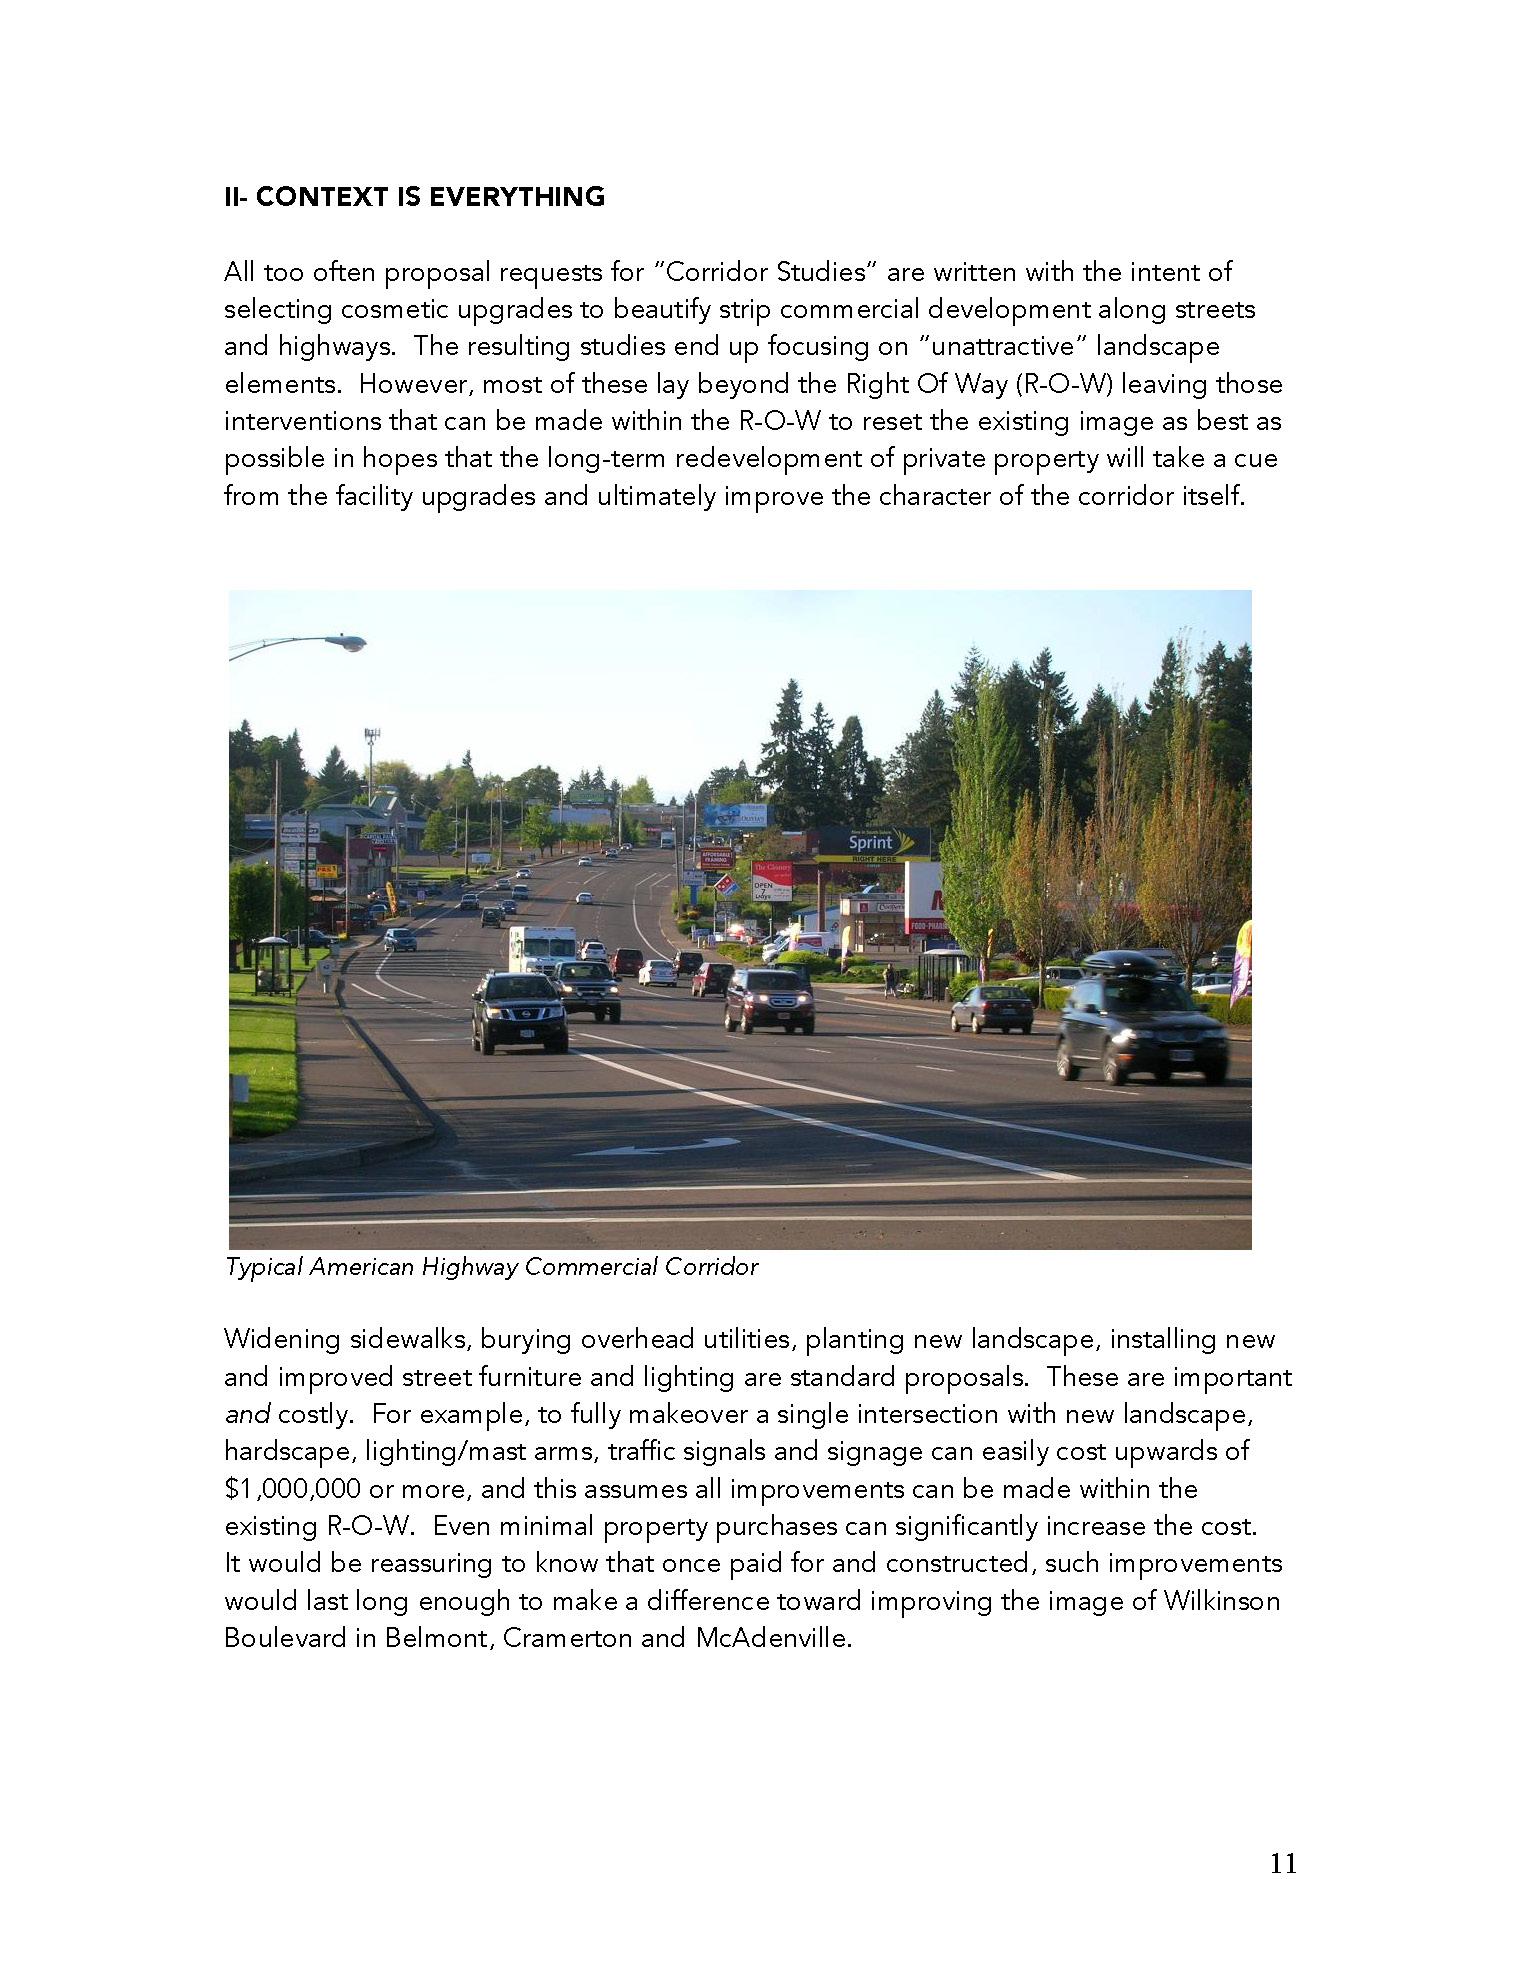 1 WilkinsonBlvd Draft Report 1-22-15 RH_Peter Edit_Page_11.jpg